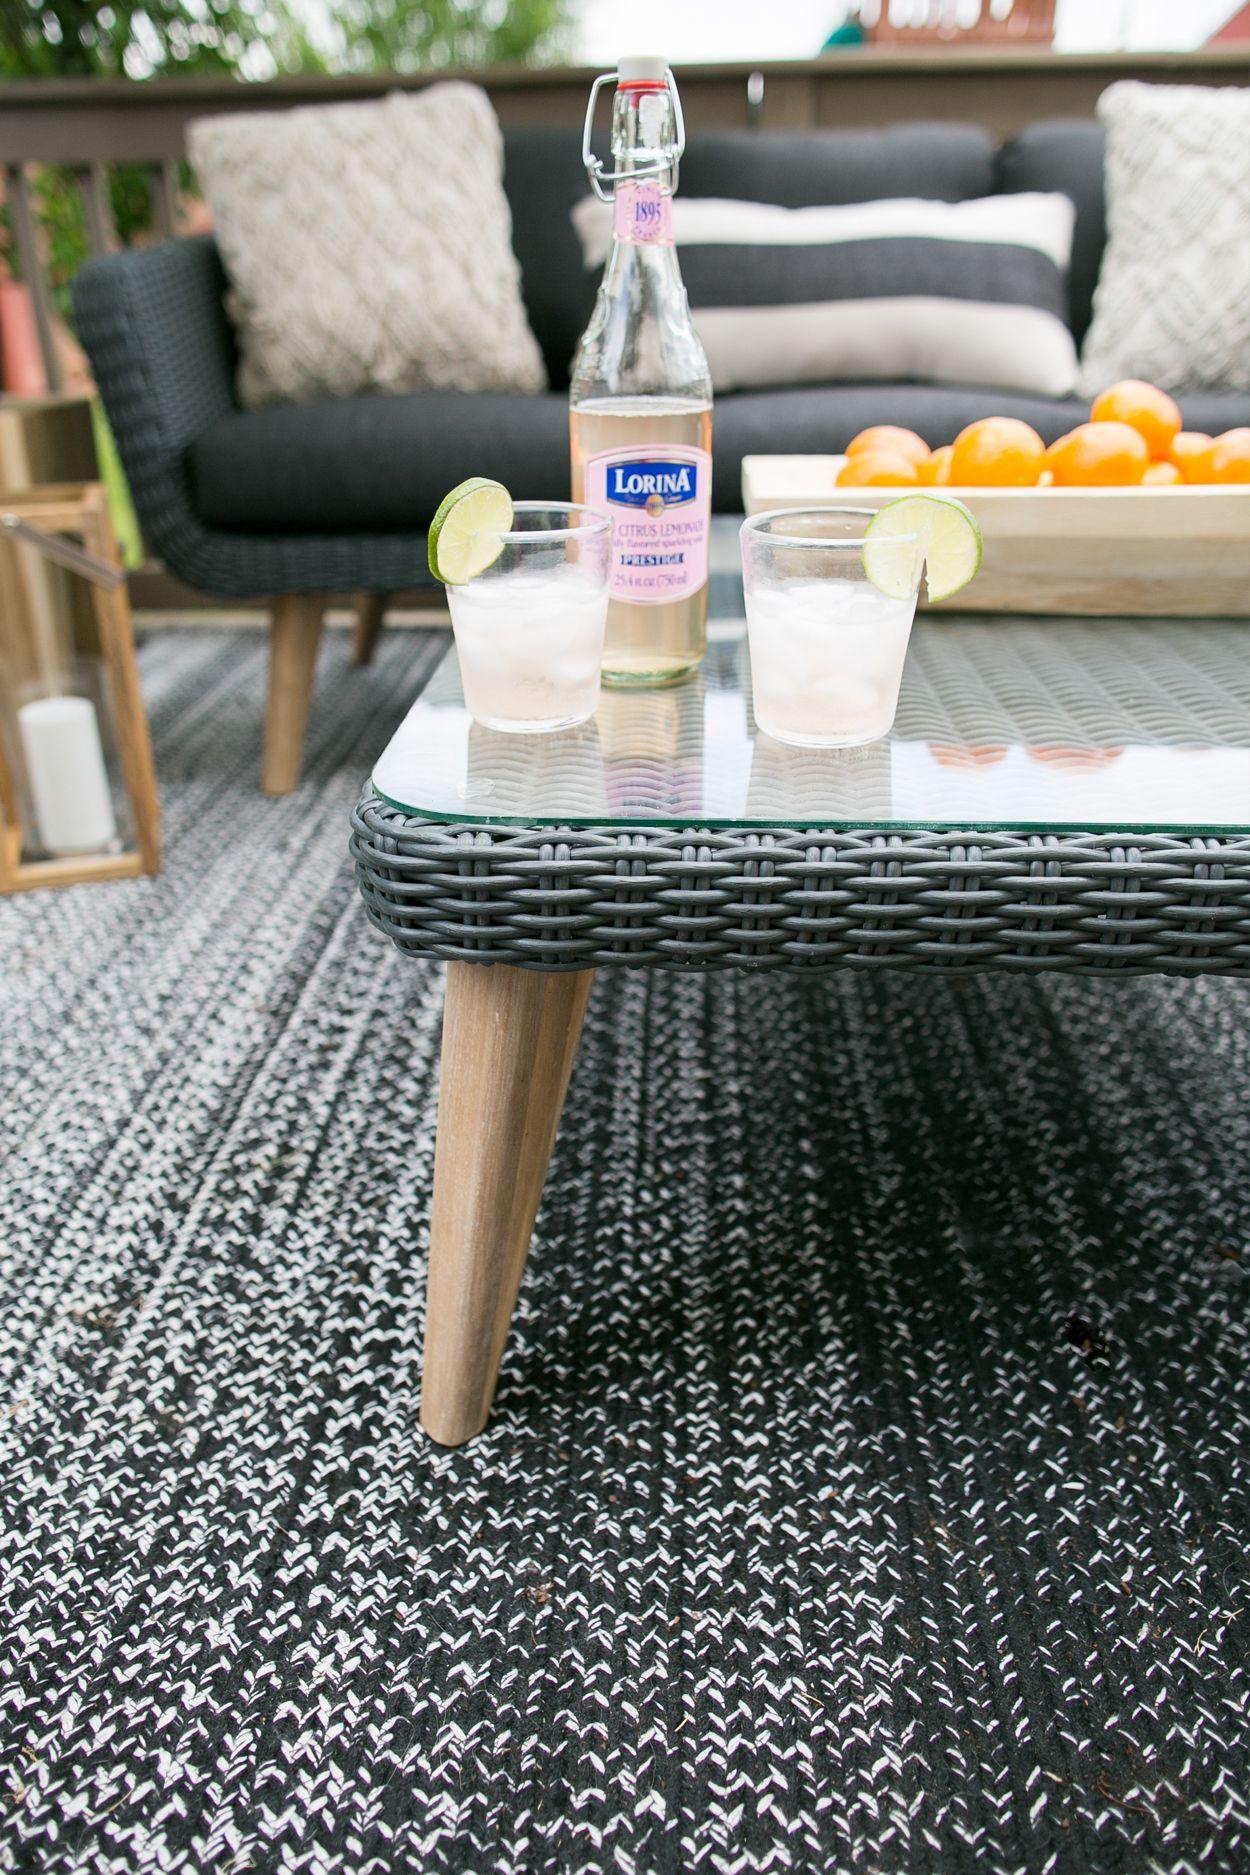 Ora Slate Gray Coffee Table Painted Wicker Wicker Table Wicker Headboard [ 1875 x 1250 Pixel ]